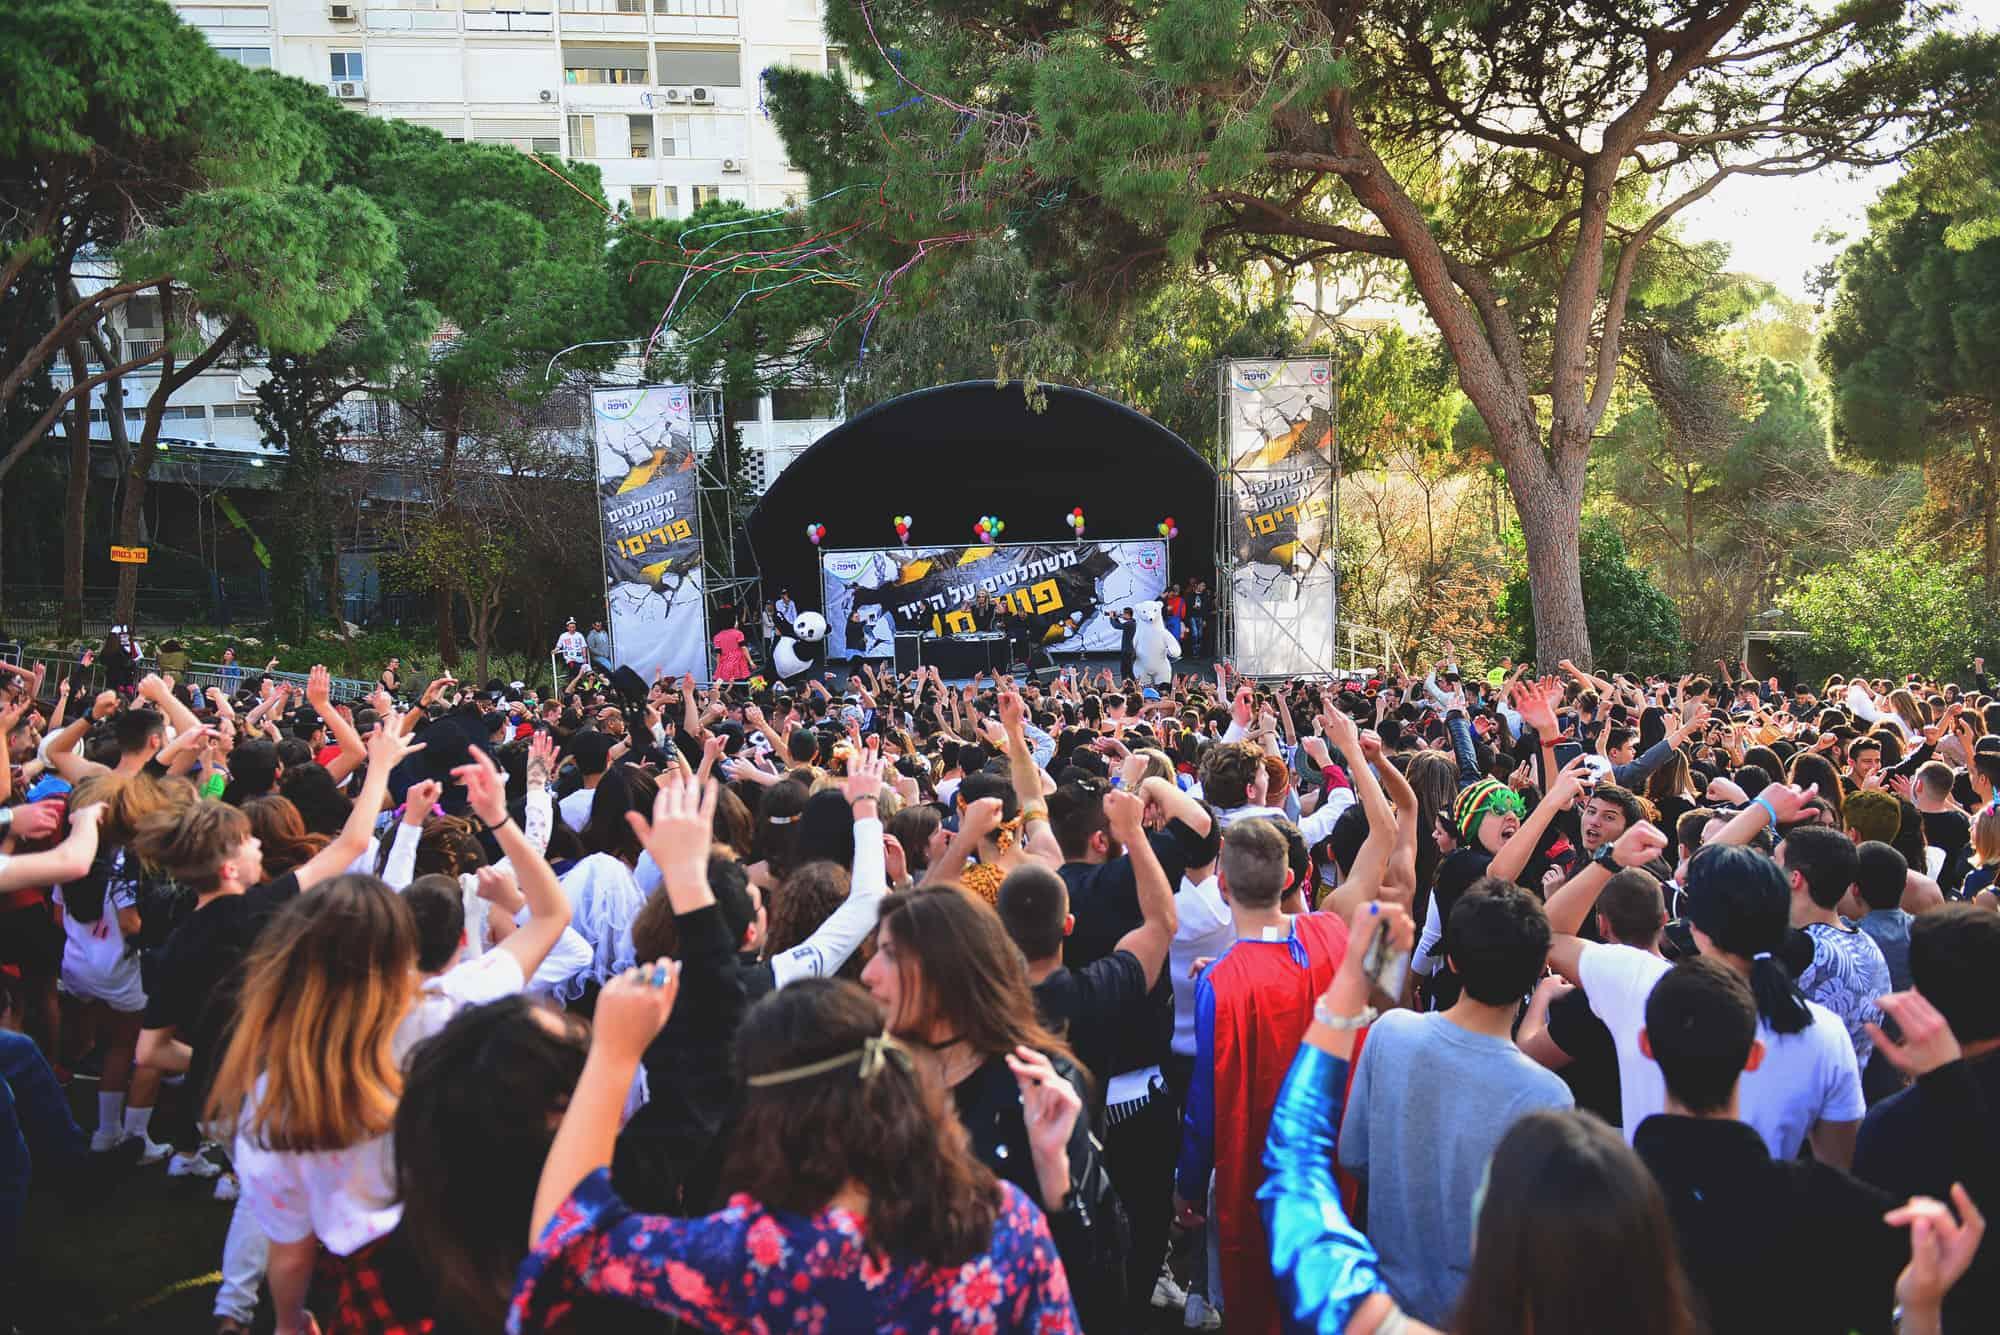 והעיר חיפה צהלה ושמחה!